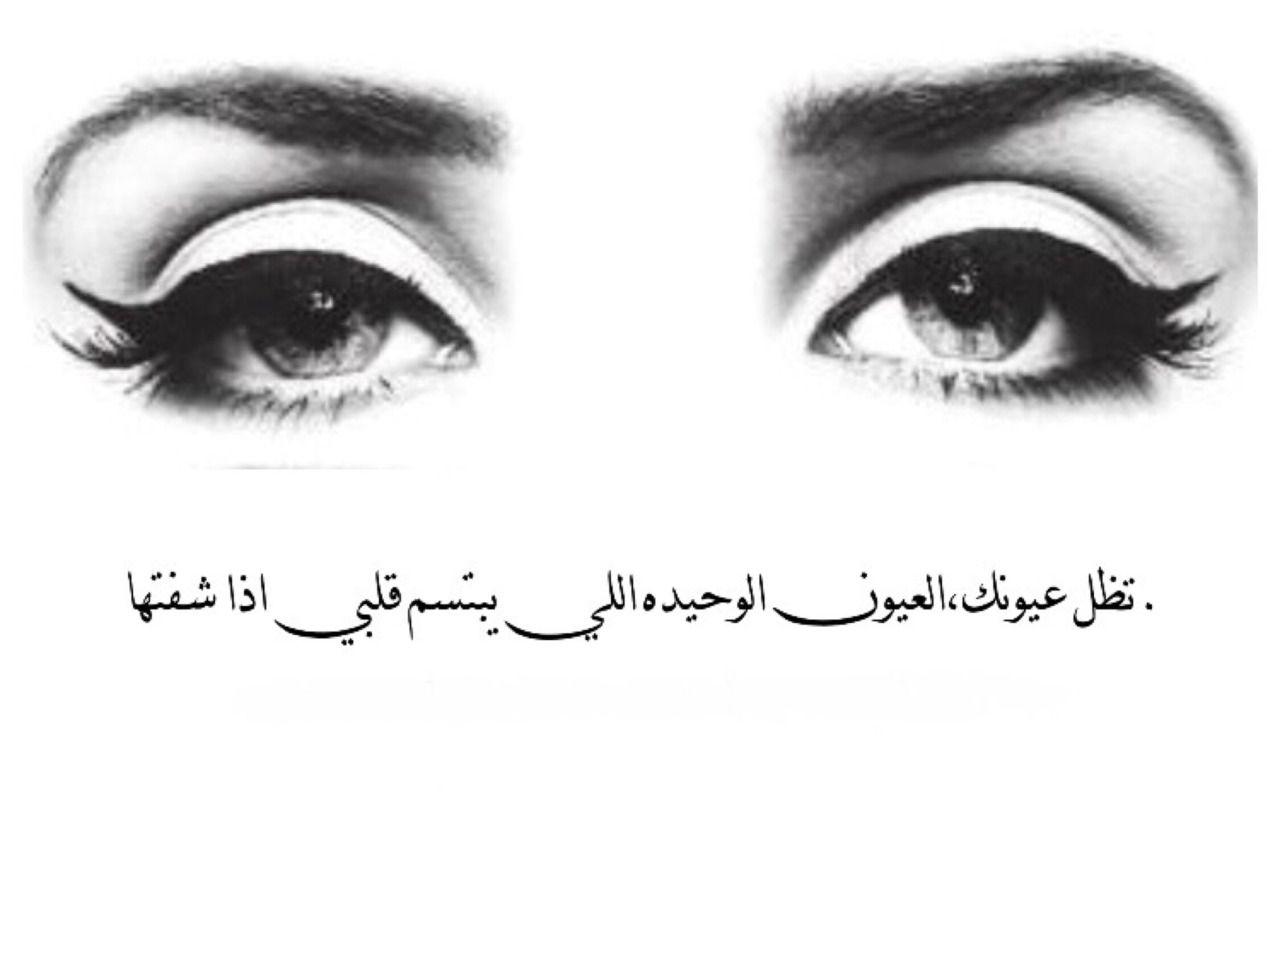 الله اكبر كيف يجرحن العيون Youtube 13